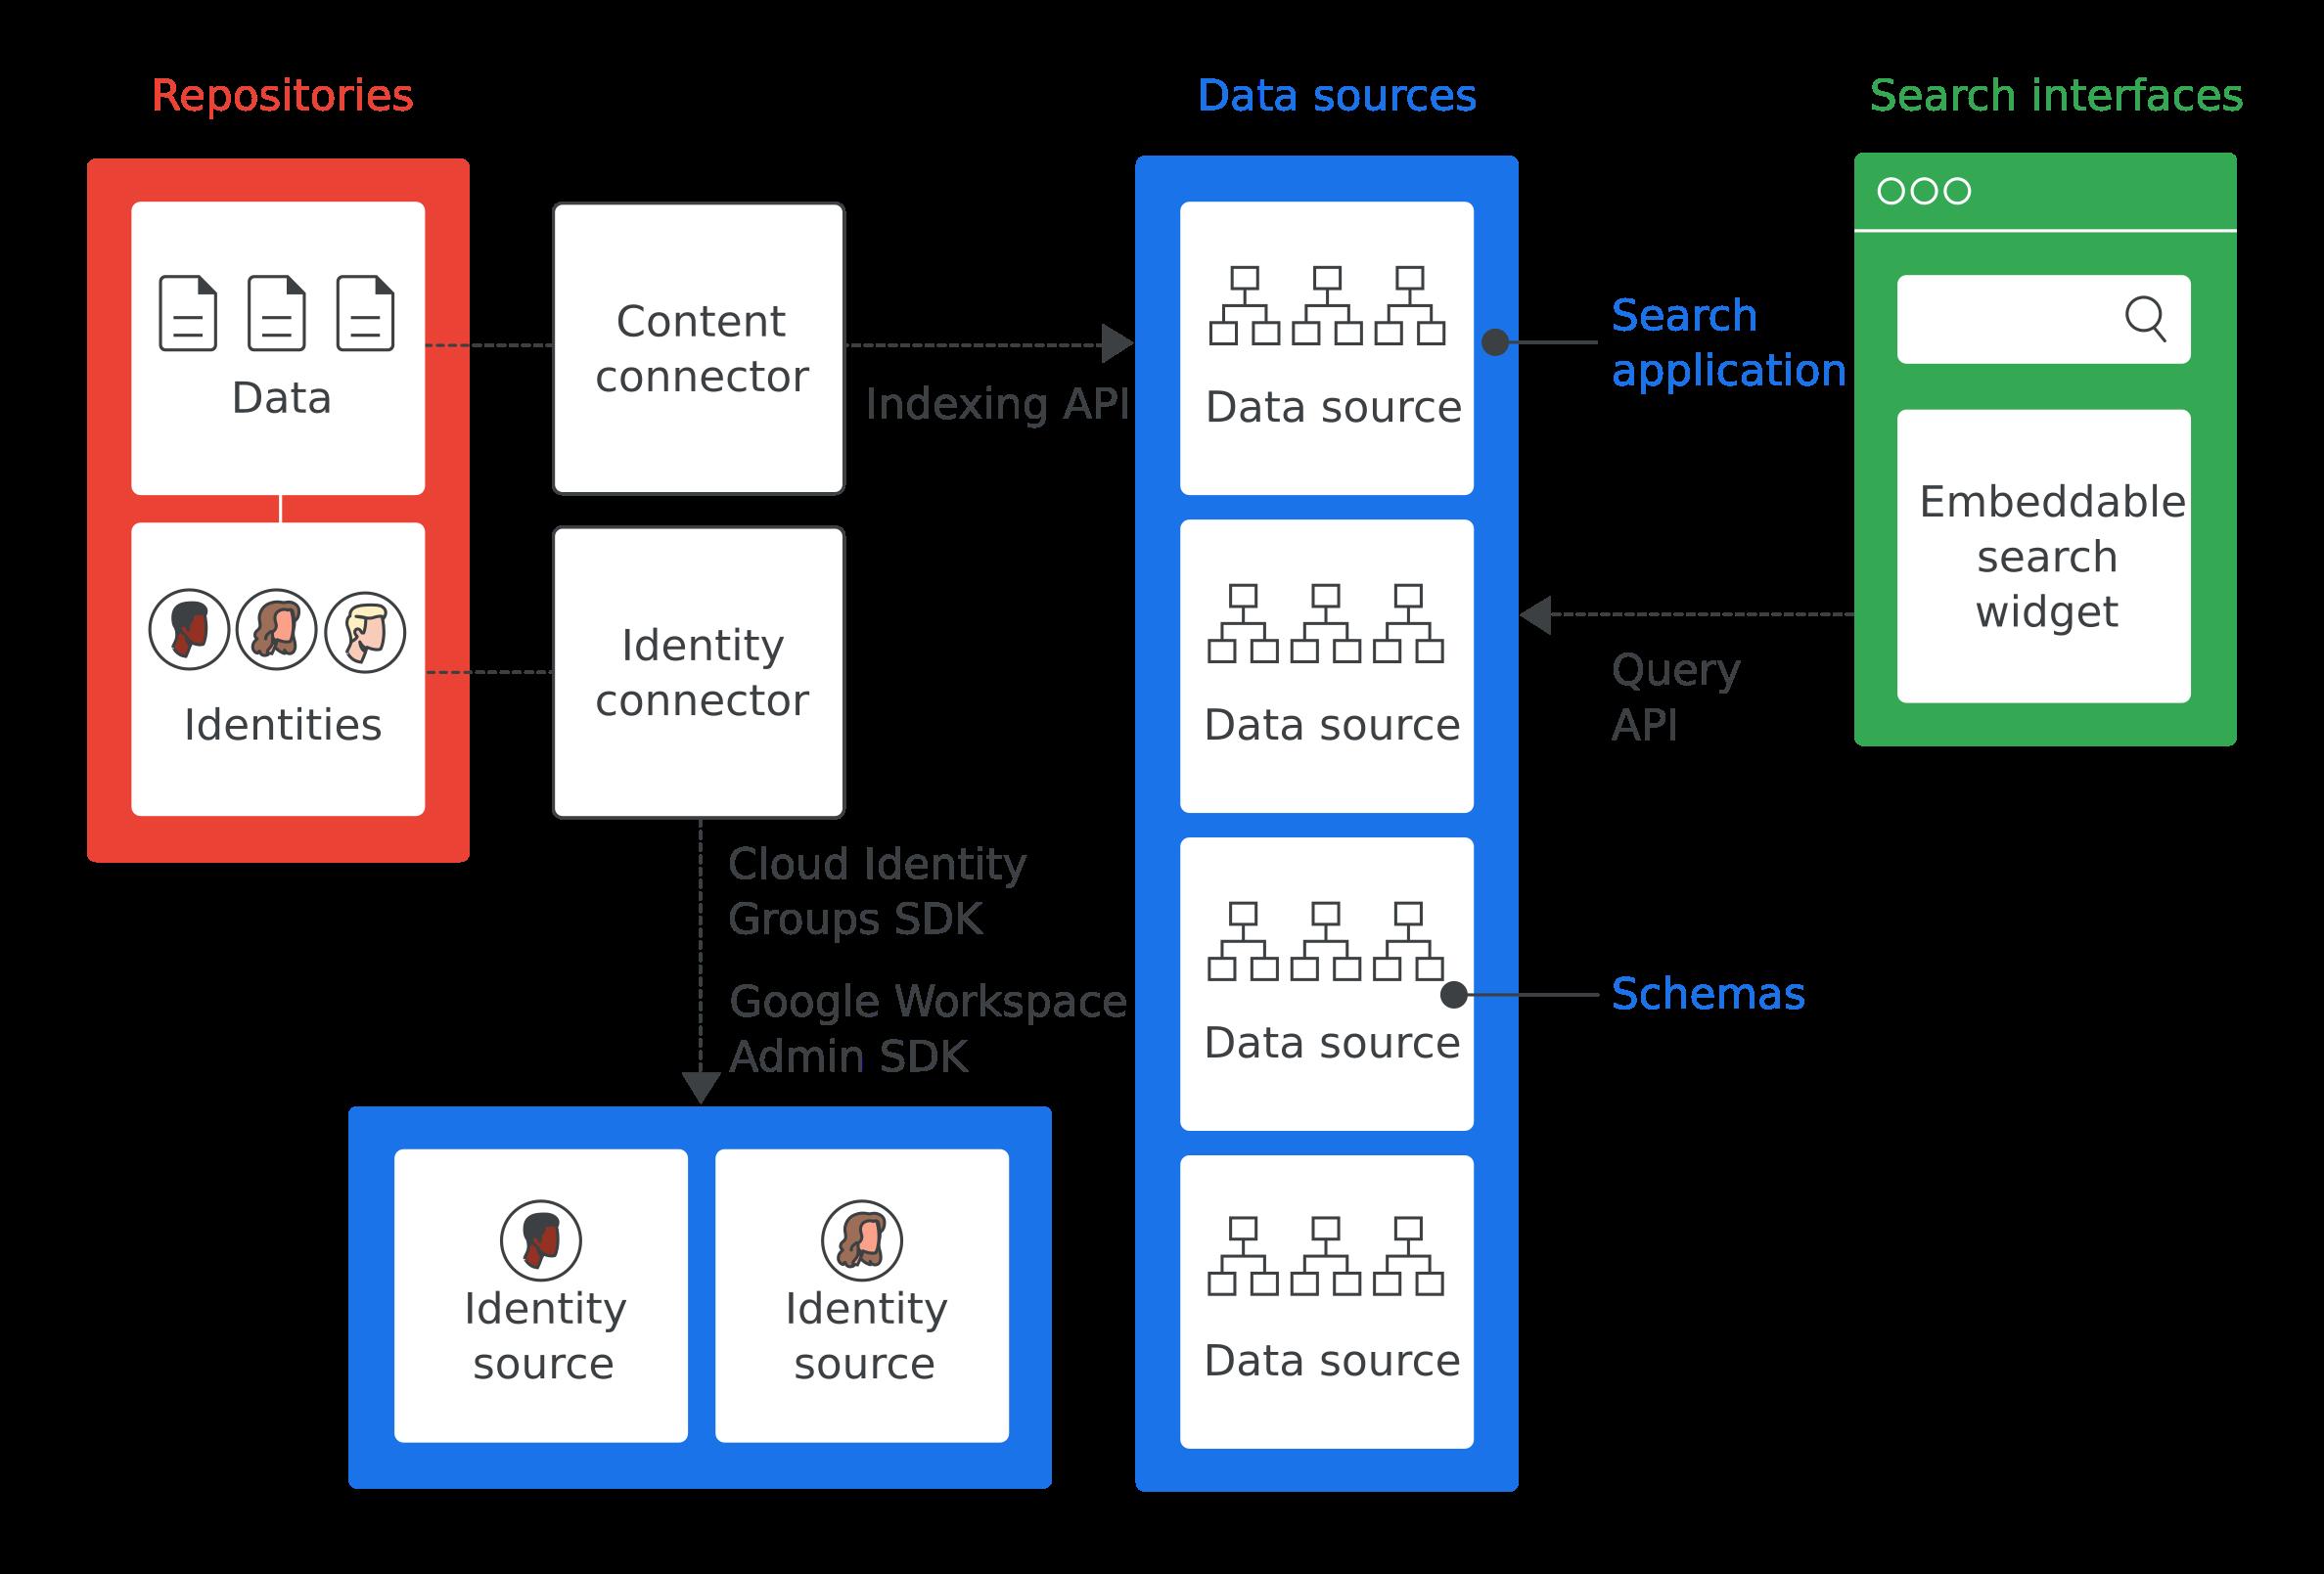 Visão geral da arquitetura do Google Cloud Search